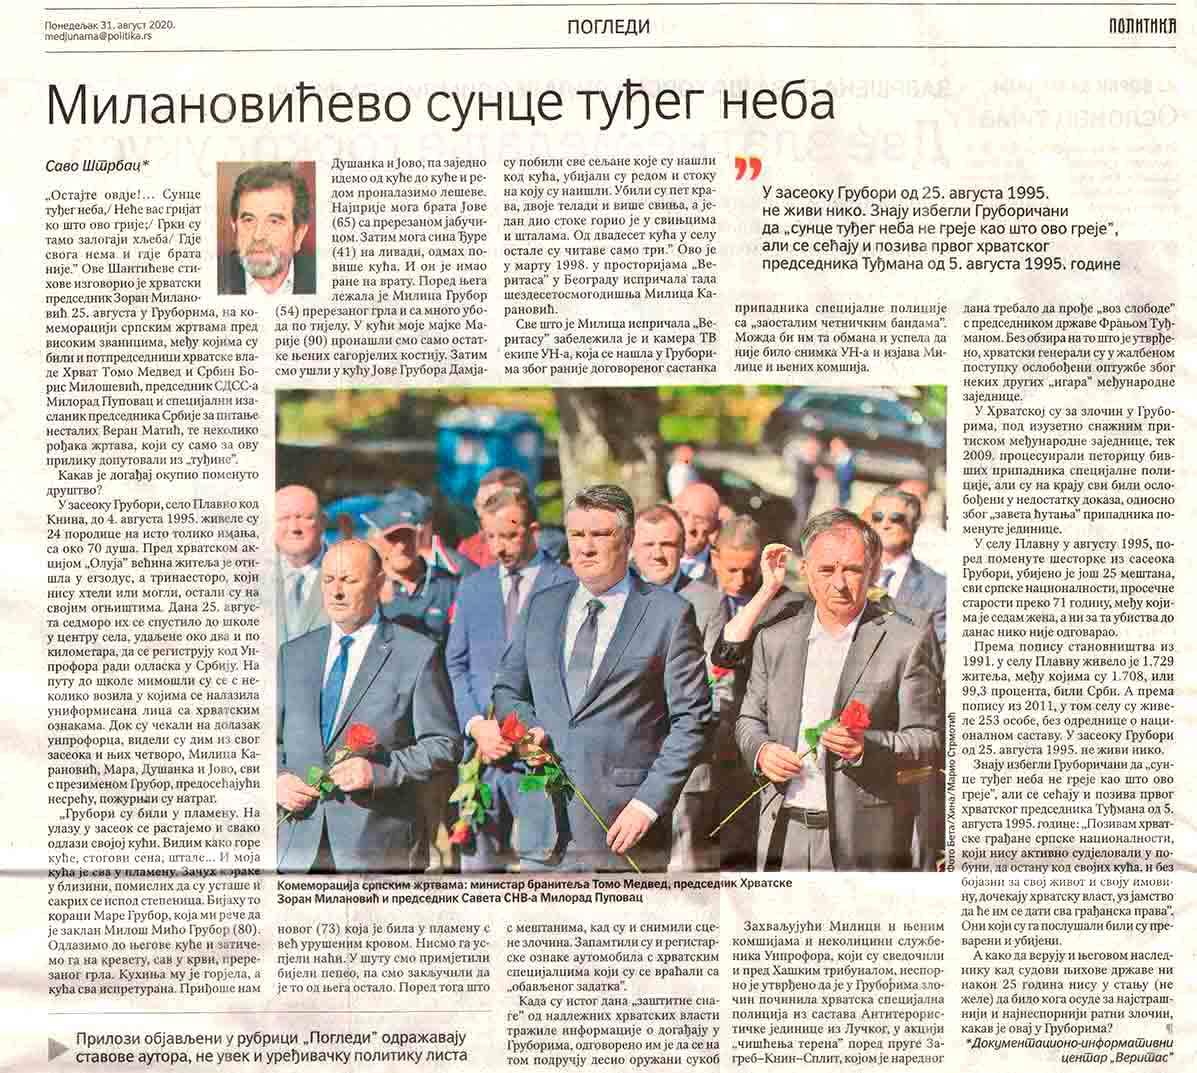 Savo Štrbac: Milankovićevo sunce tuđeg neba, 31.8.2020. Foto: Politika, screenshot